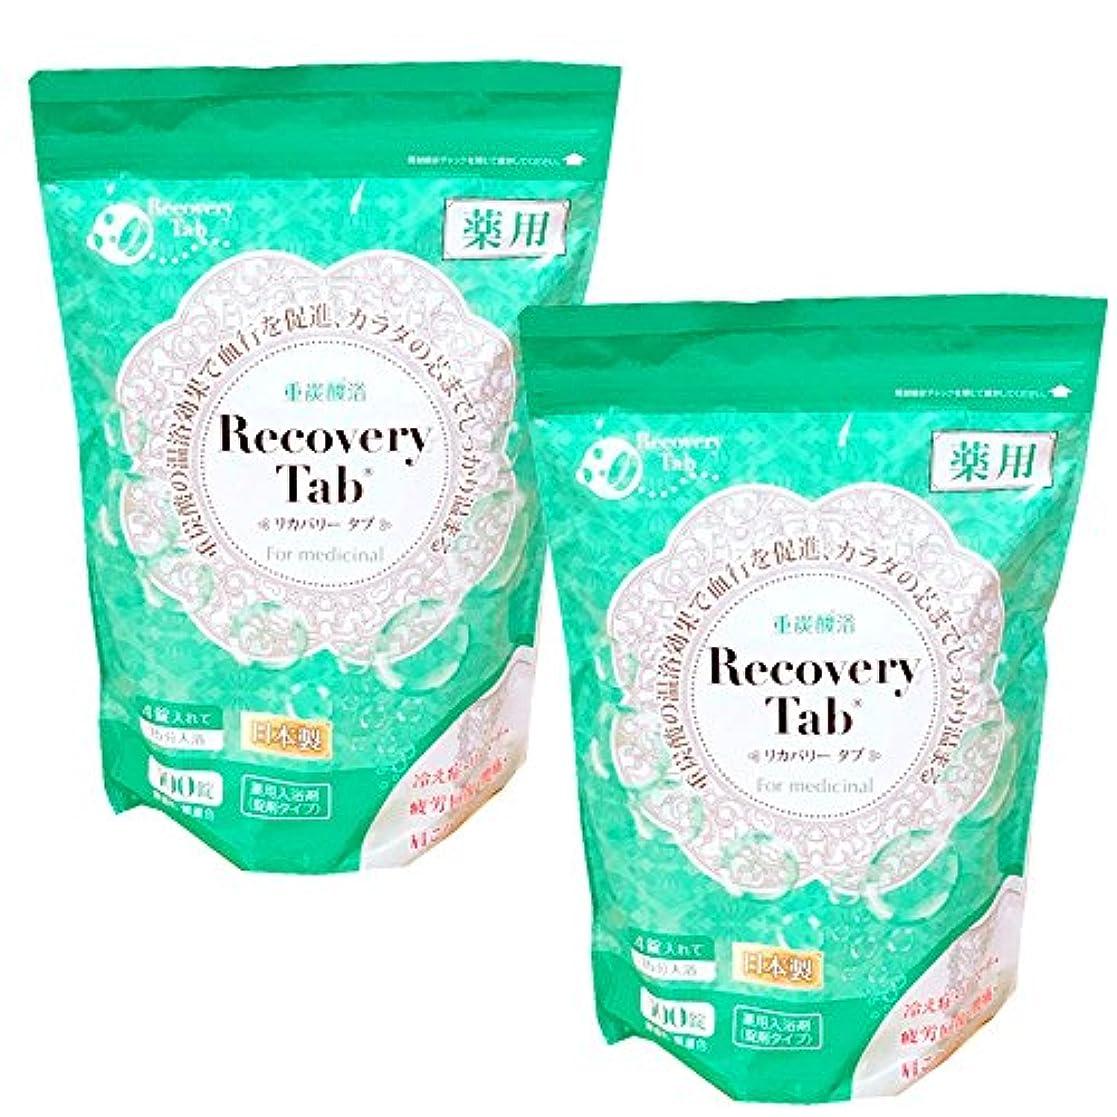 動脈音惨めな【Recovery Tab 正規販売店】 薬用 Recovery Tab リカバリータブ 重炭酸浴 医薬部外品 100錠入 2個セット